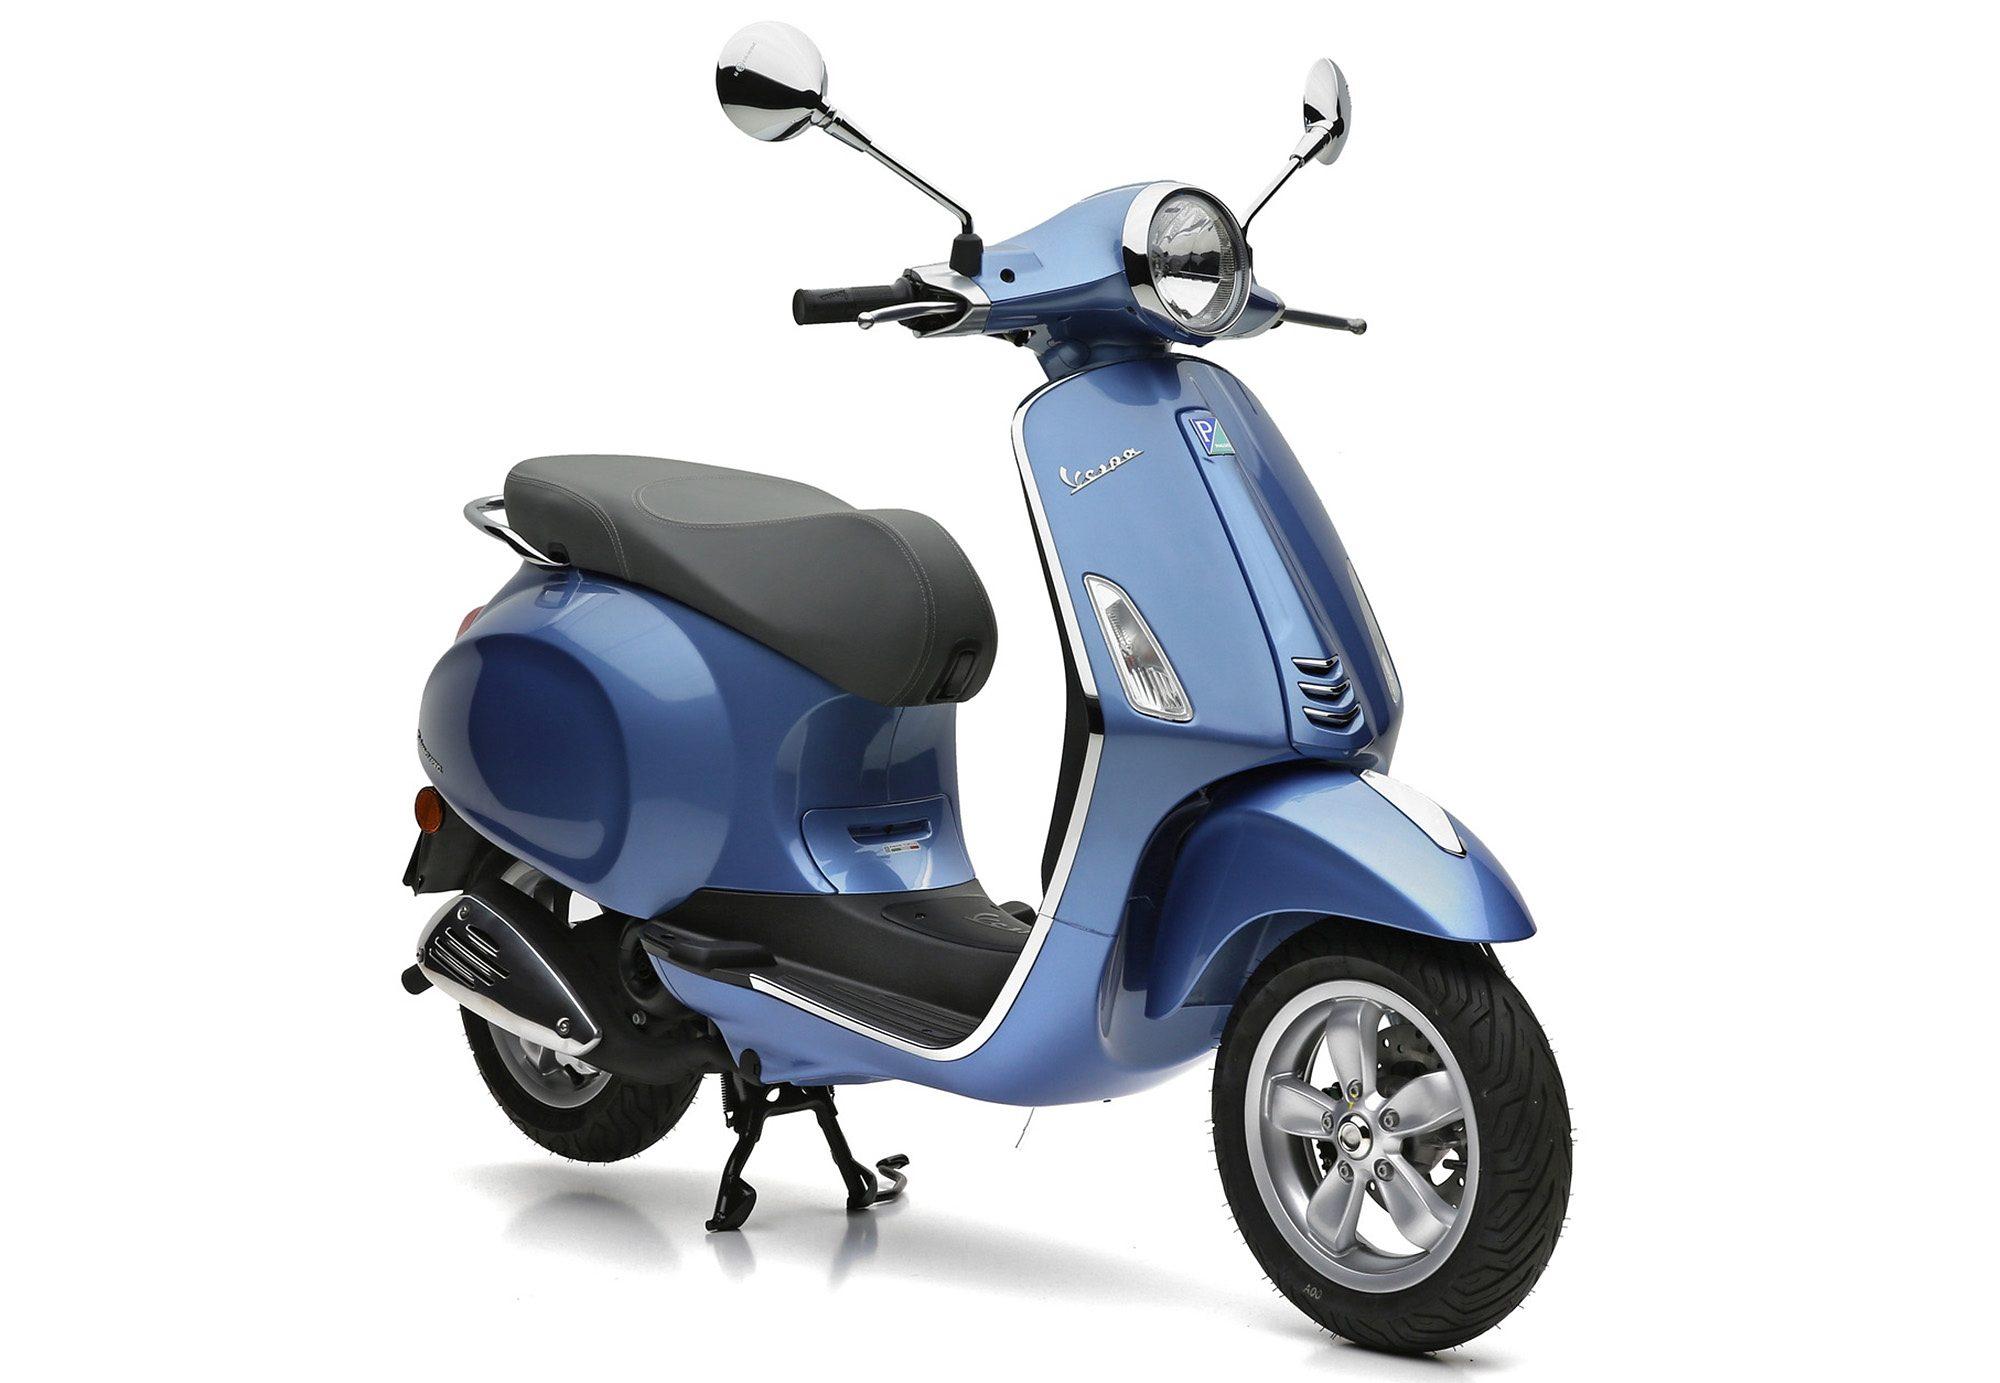 Mofaroller, 49 ccm, 4,35 PS, 25 km/h, hellblau, »Primavera«, Vespa